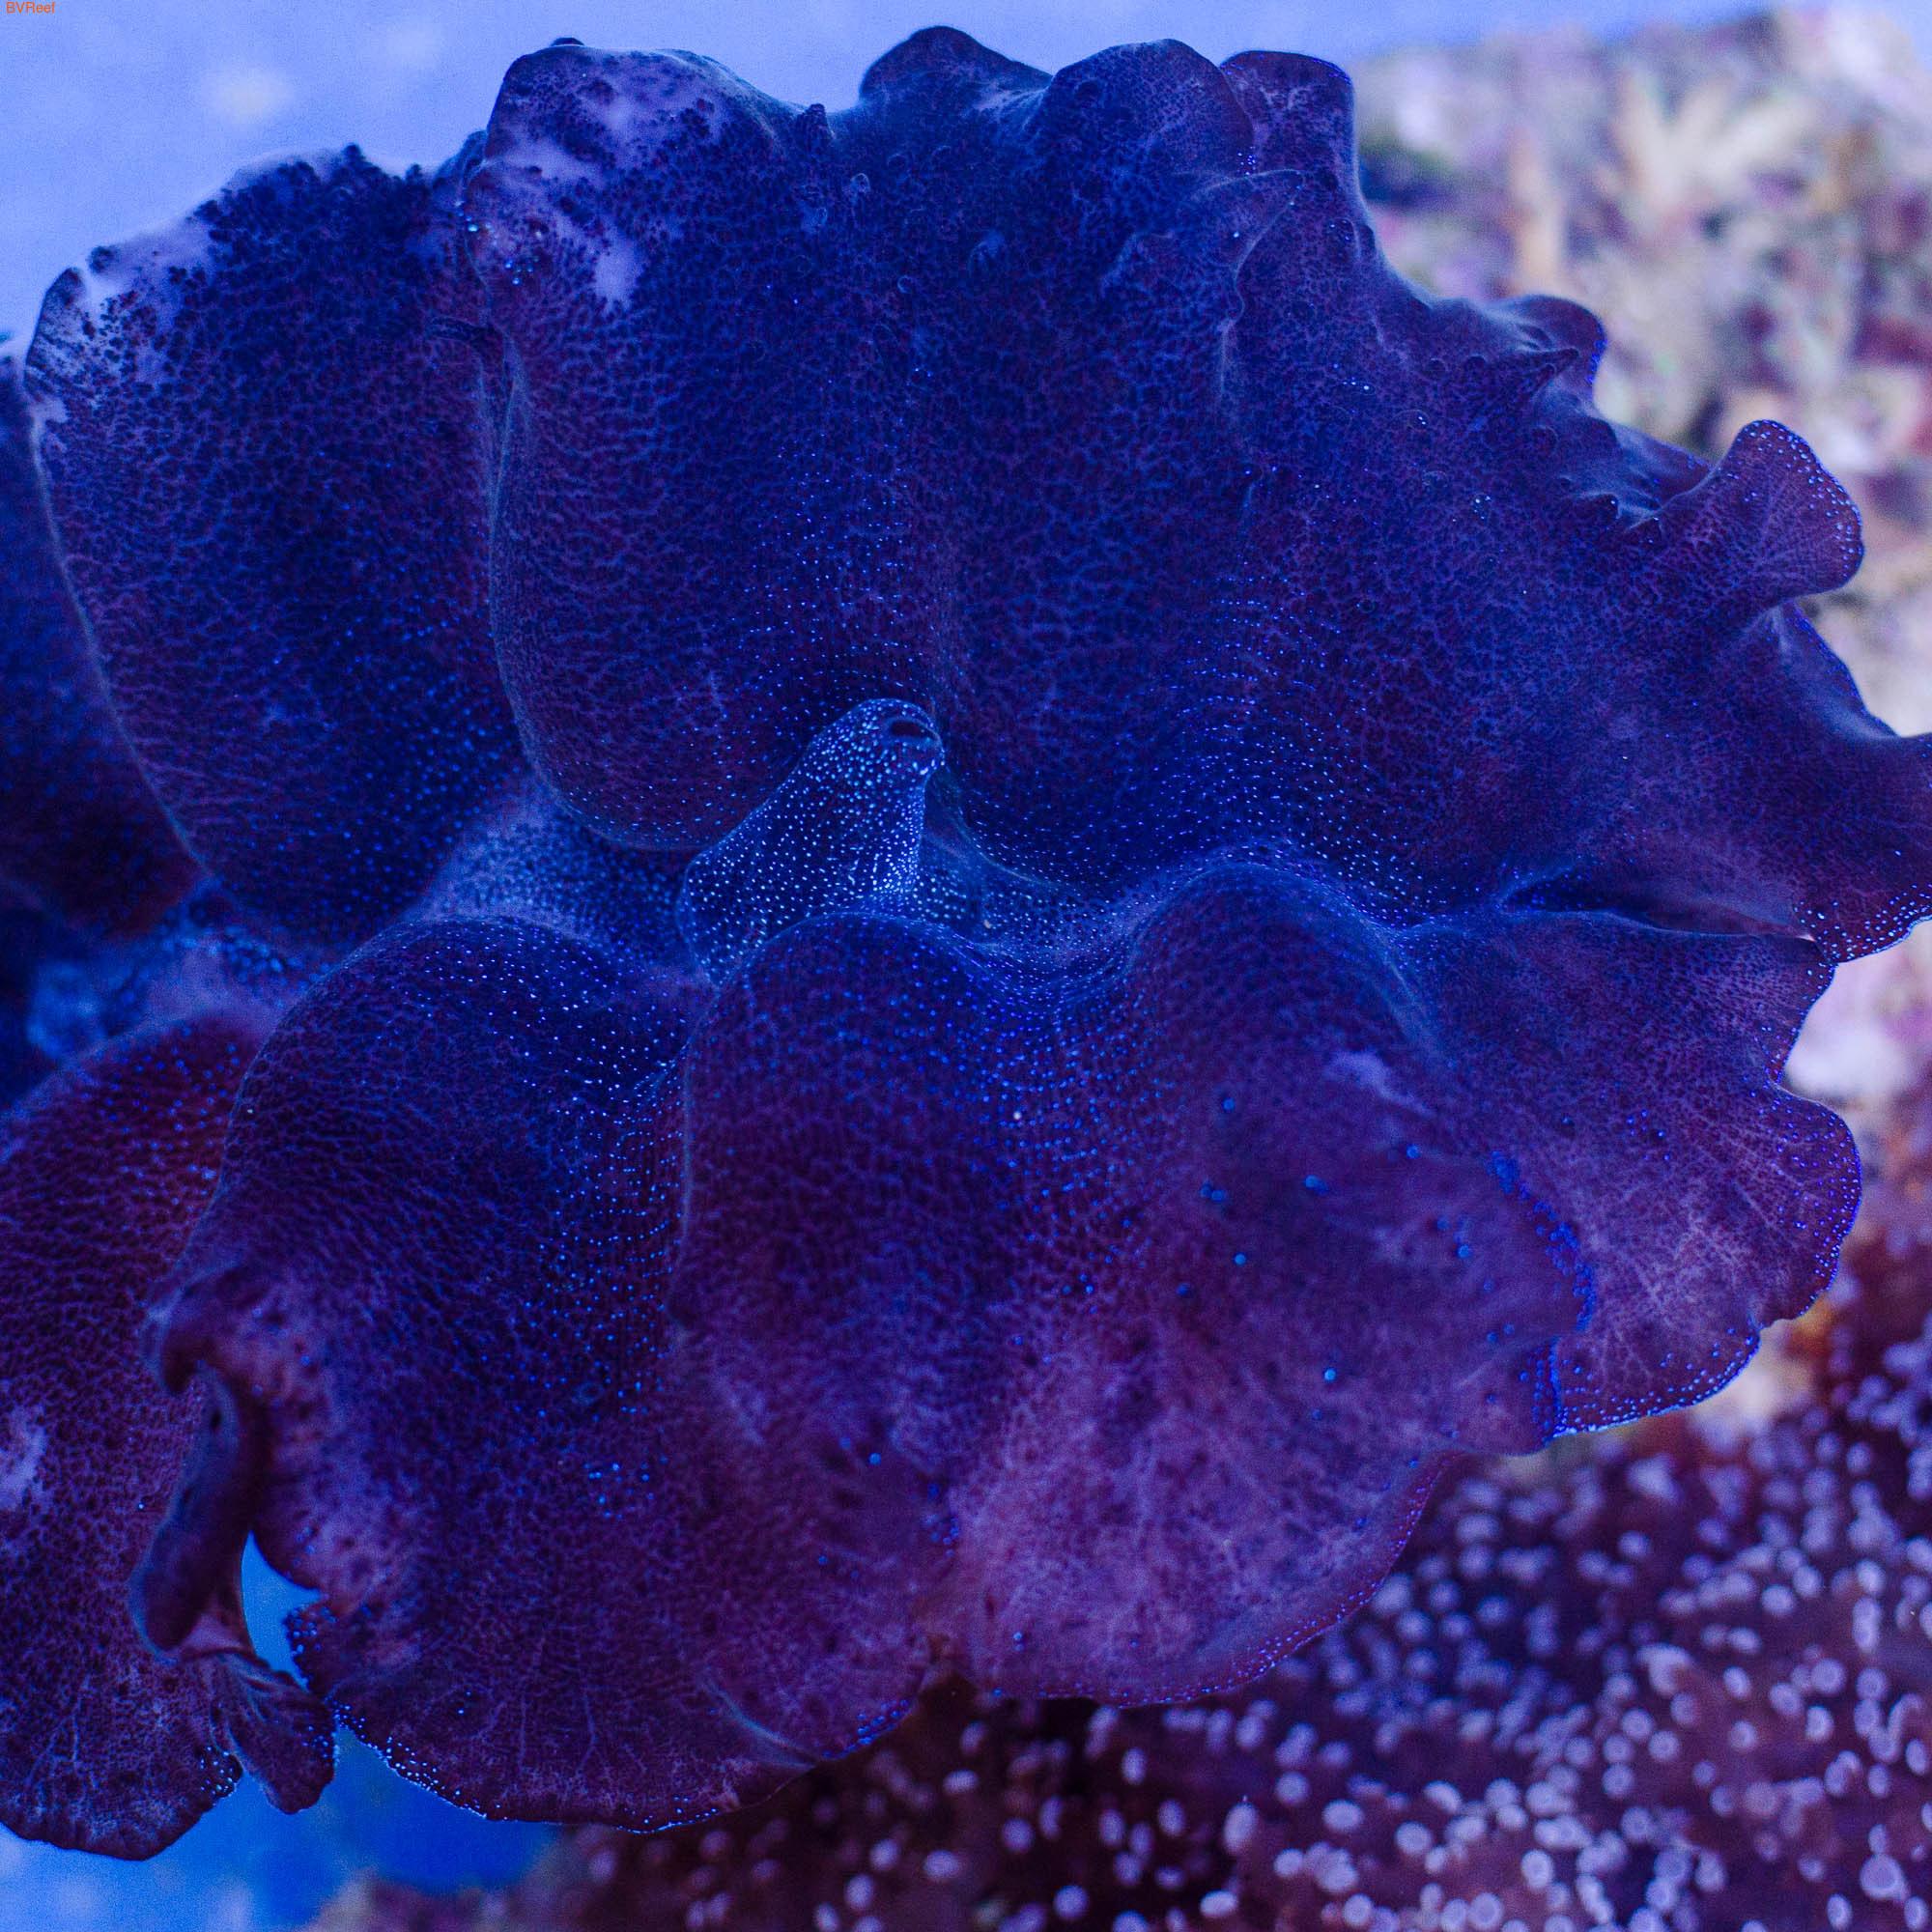 Б37 Тридакна кроцея (шафранная) Tridacna crocea 4500 (фото)